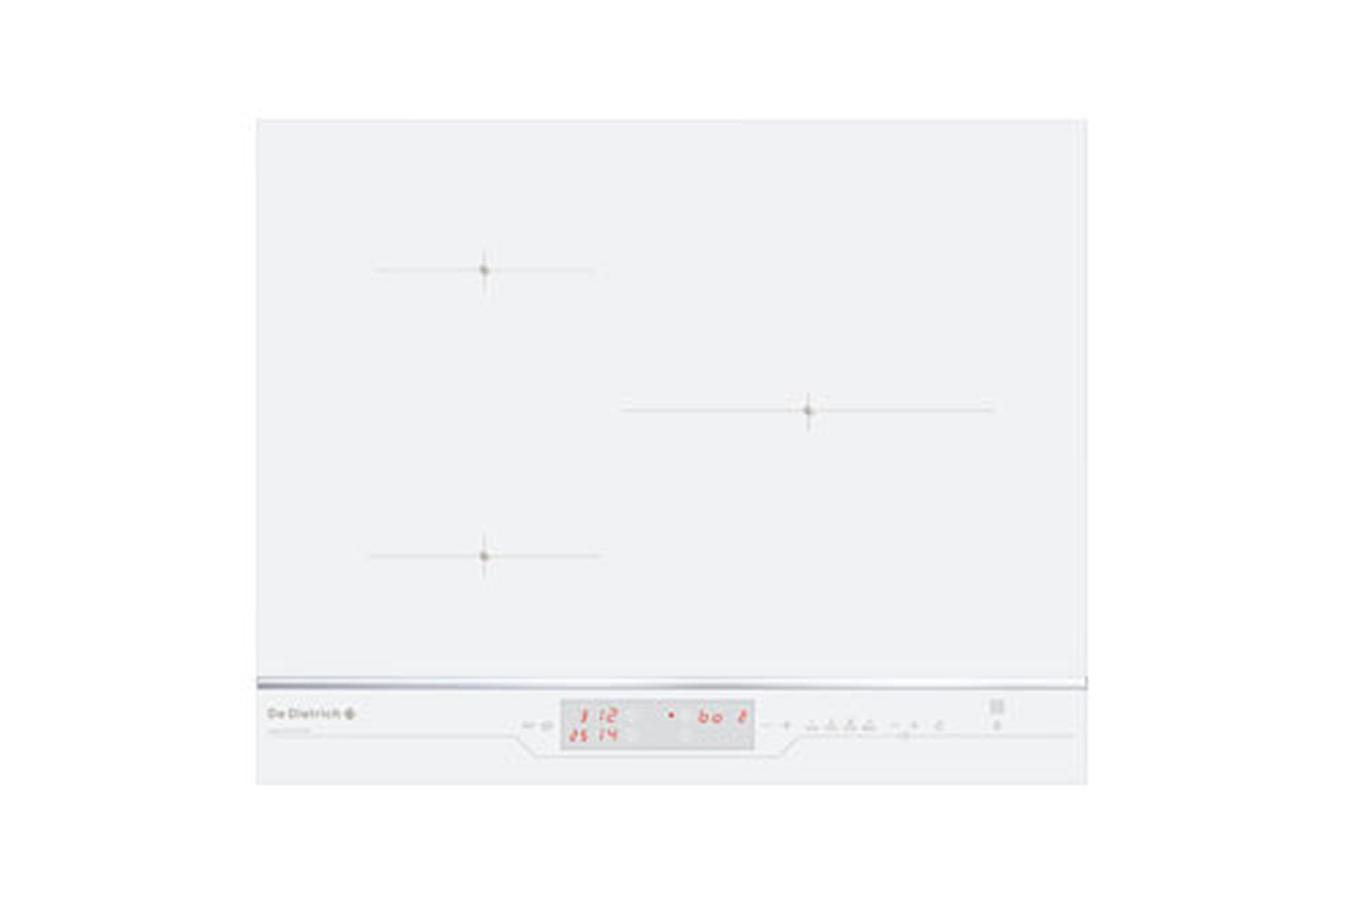 Plaque induction de dietrich dti 1116 w 3566412 darty - Table de cuisson induction blanche ...